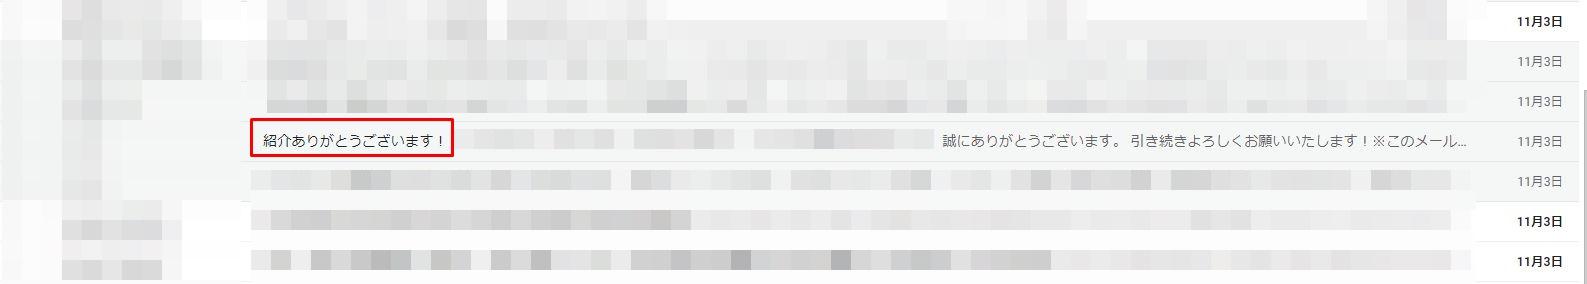 初報酬を知らせるメール受信画面のキャプチャ